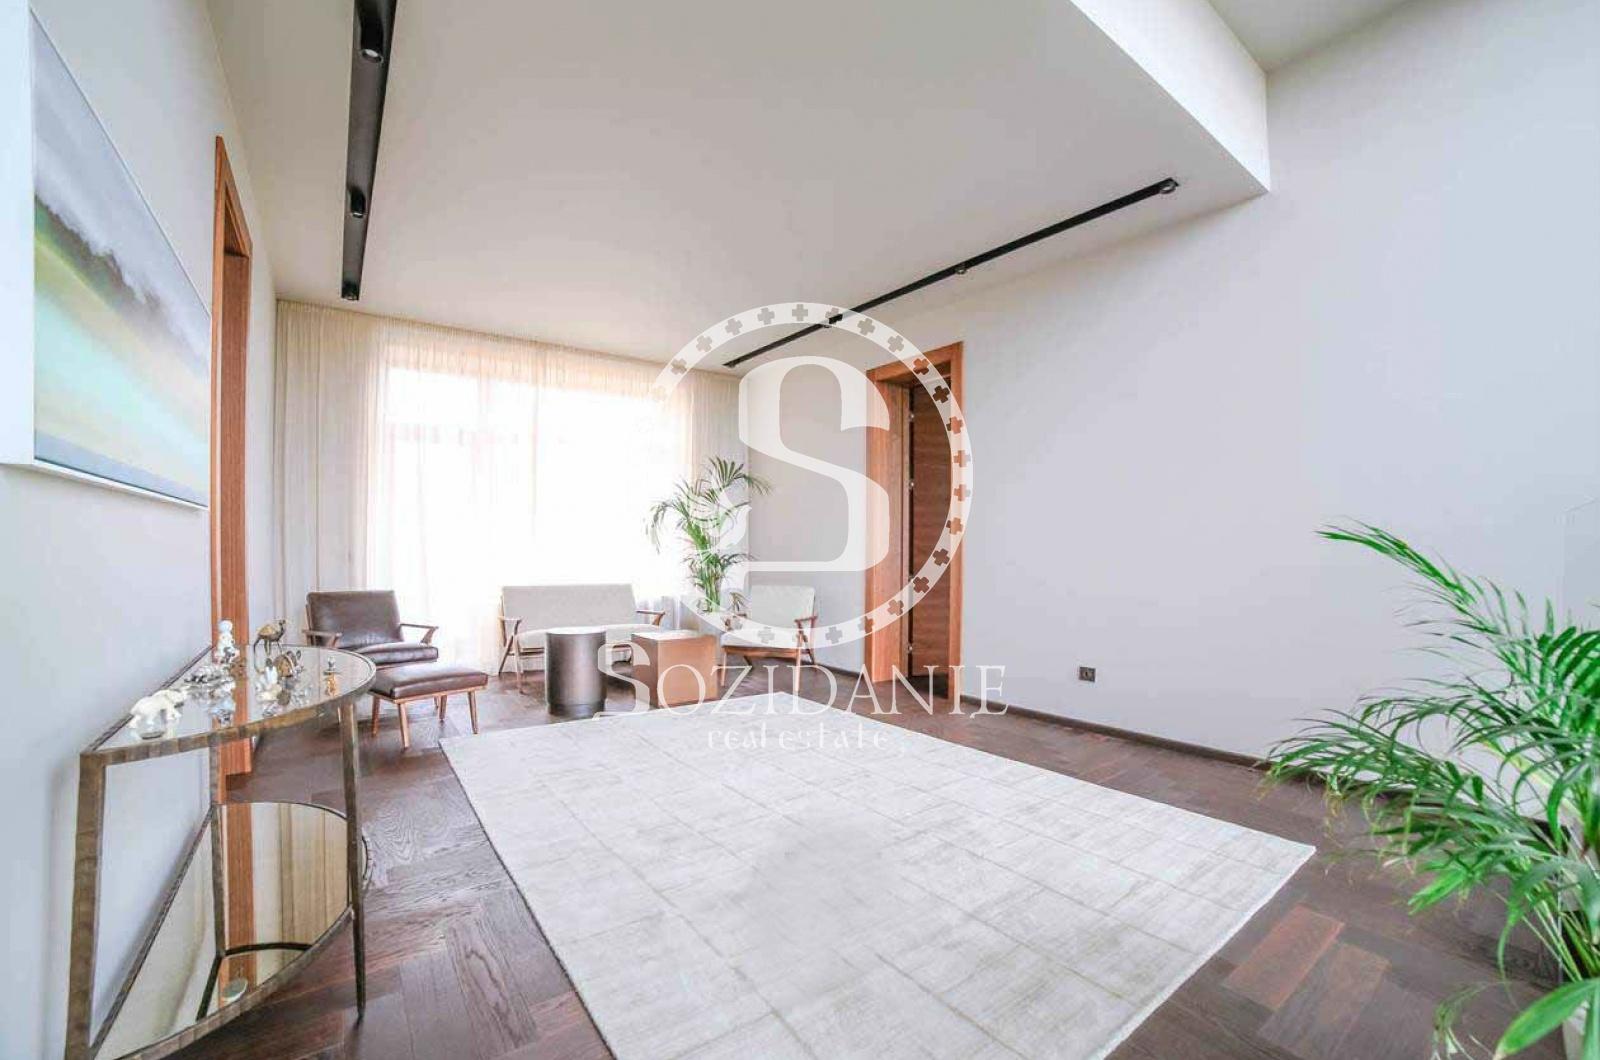 4 Bedrooms, Загородная, Продажа, Listing ID 1483, Московская область, Россия,